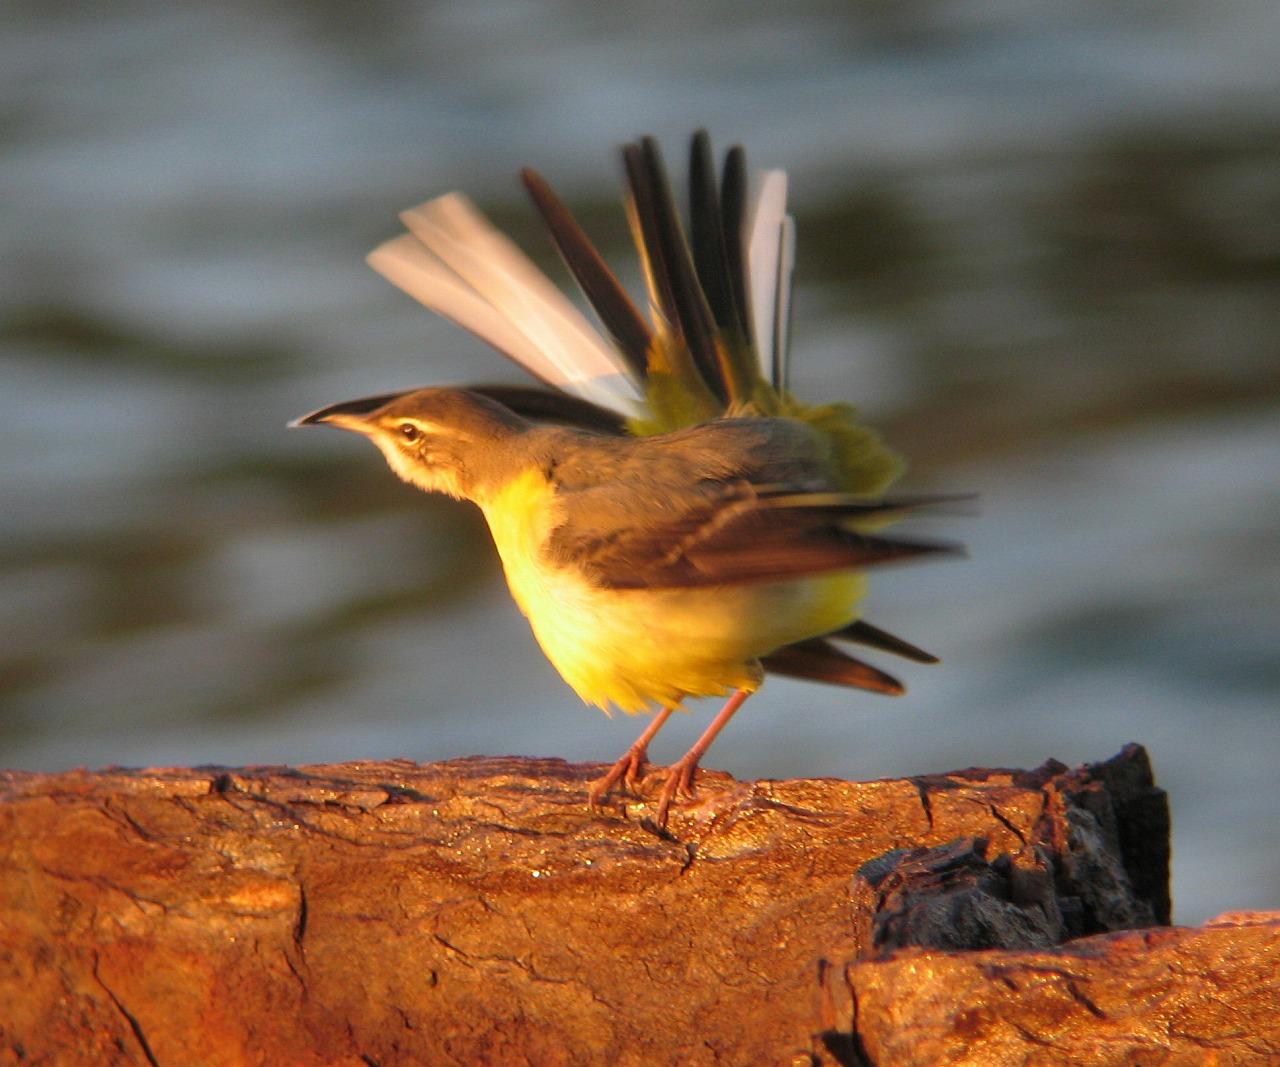 キセキレイちゃんの幼鳥と思います。_e0018678_2041811.jpg